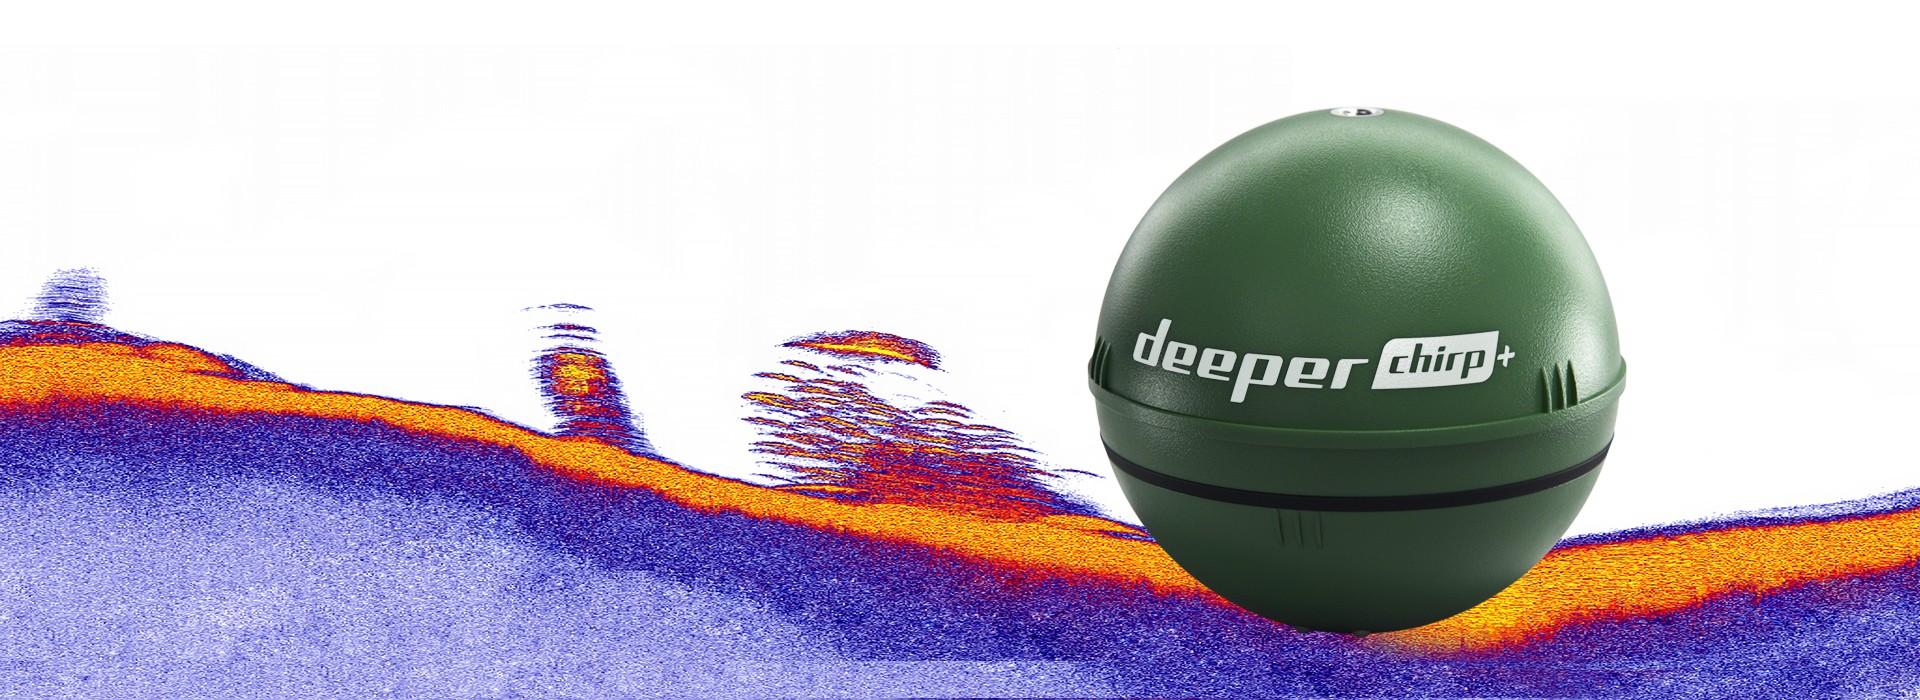 Innovatiivista kalastustaMaailman ainoa heitettävä CHIRP-kaikuluotain, jossa on sisäinen GPS